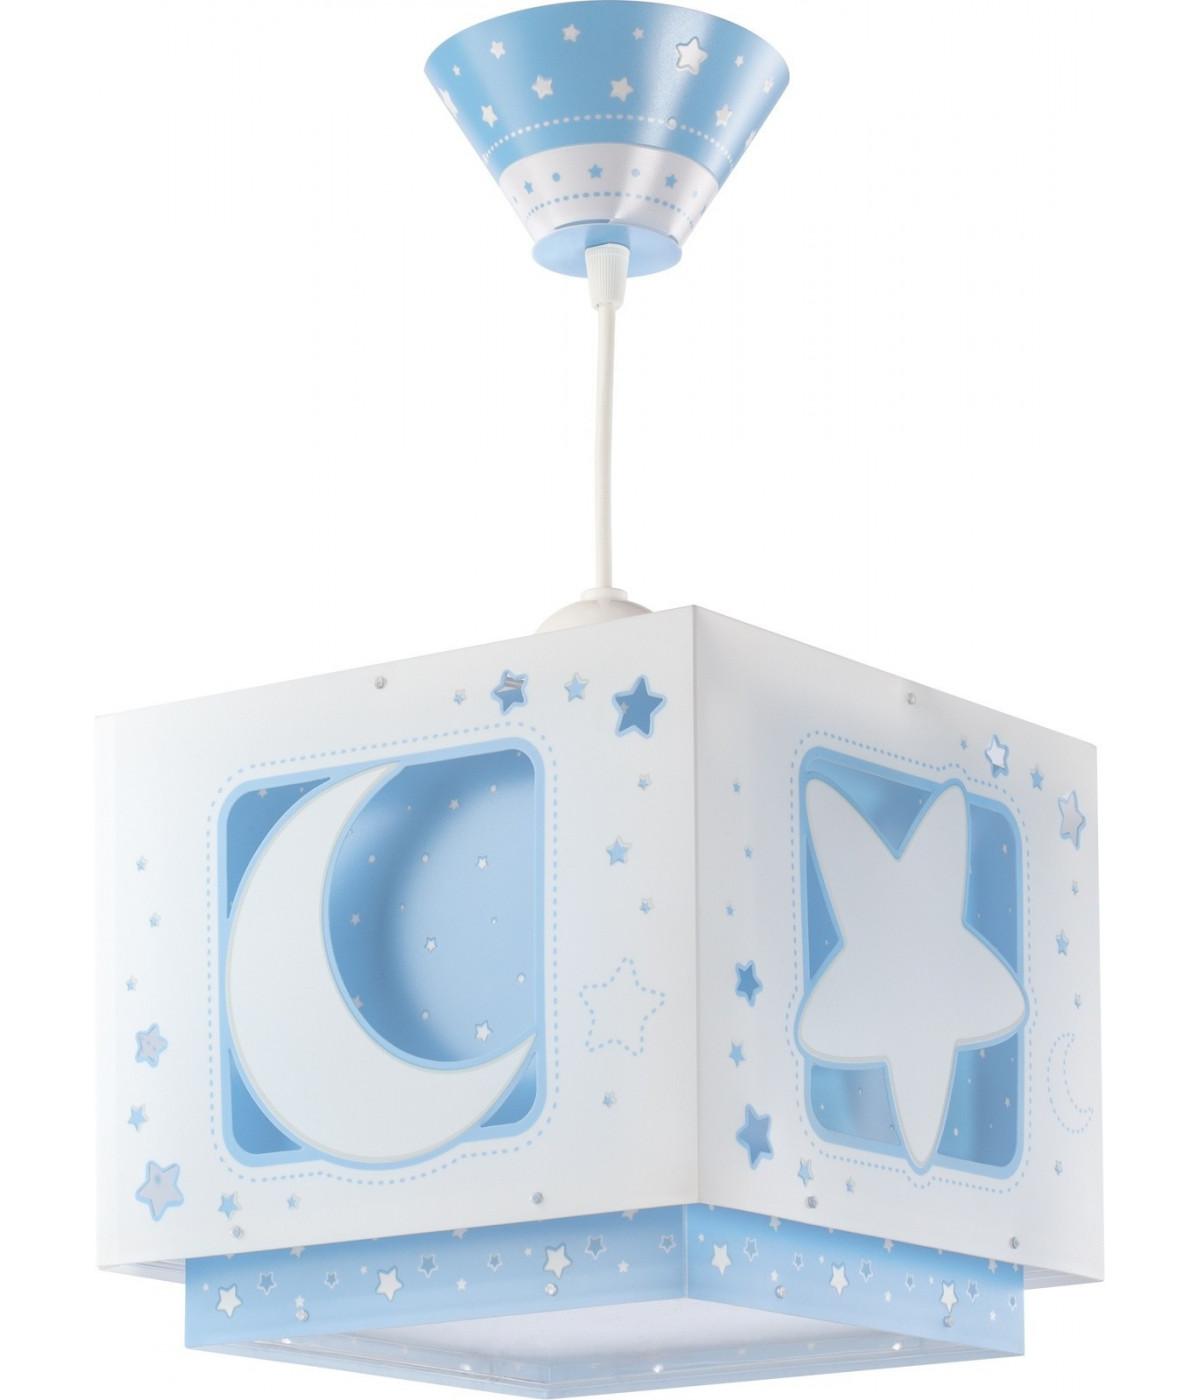 Hanging lamp for Children Moonlight blue